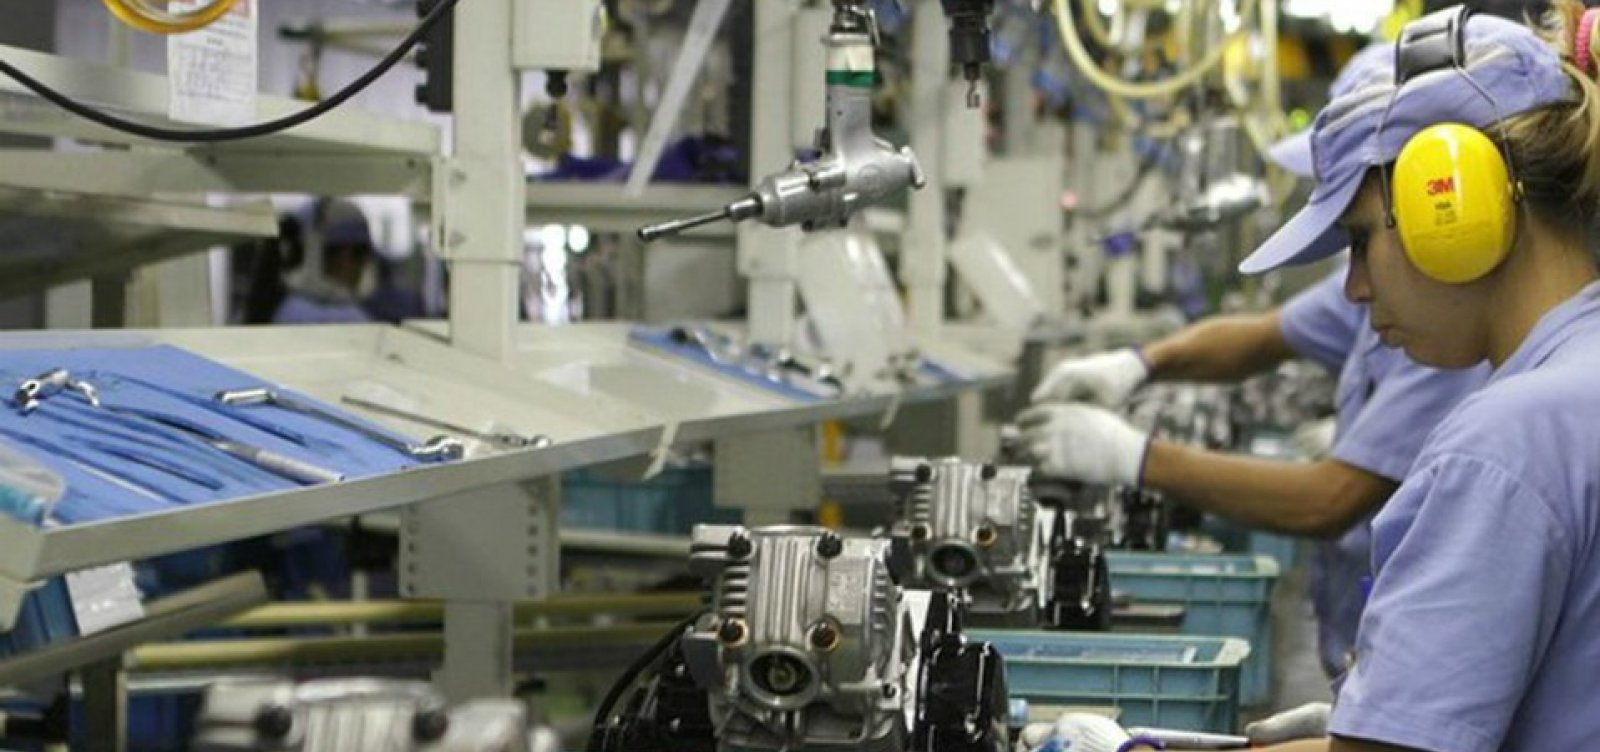 [Produção industrial cai 1,3% no mês de março, aponta IBGE]